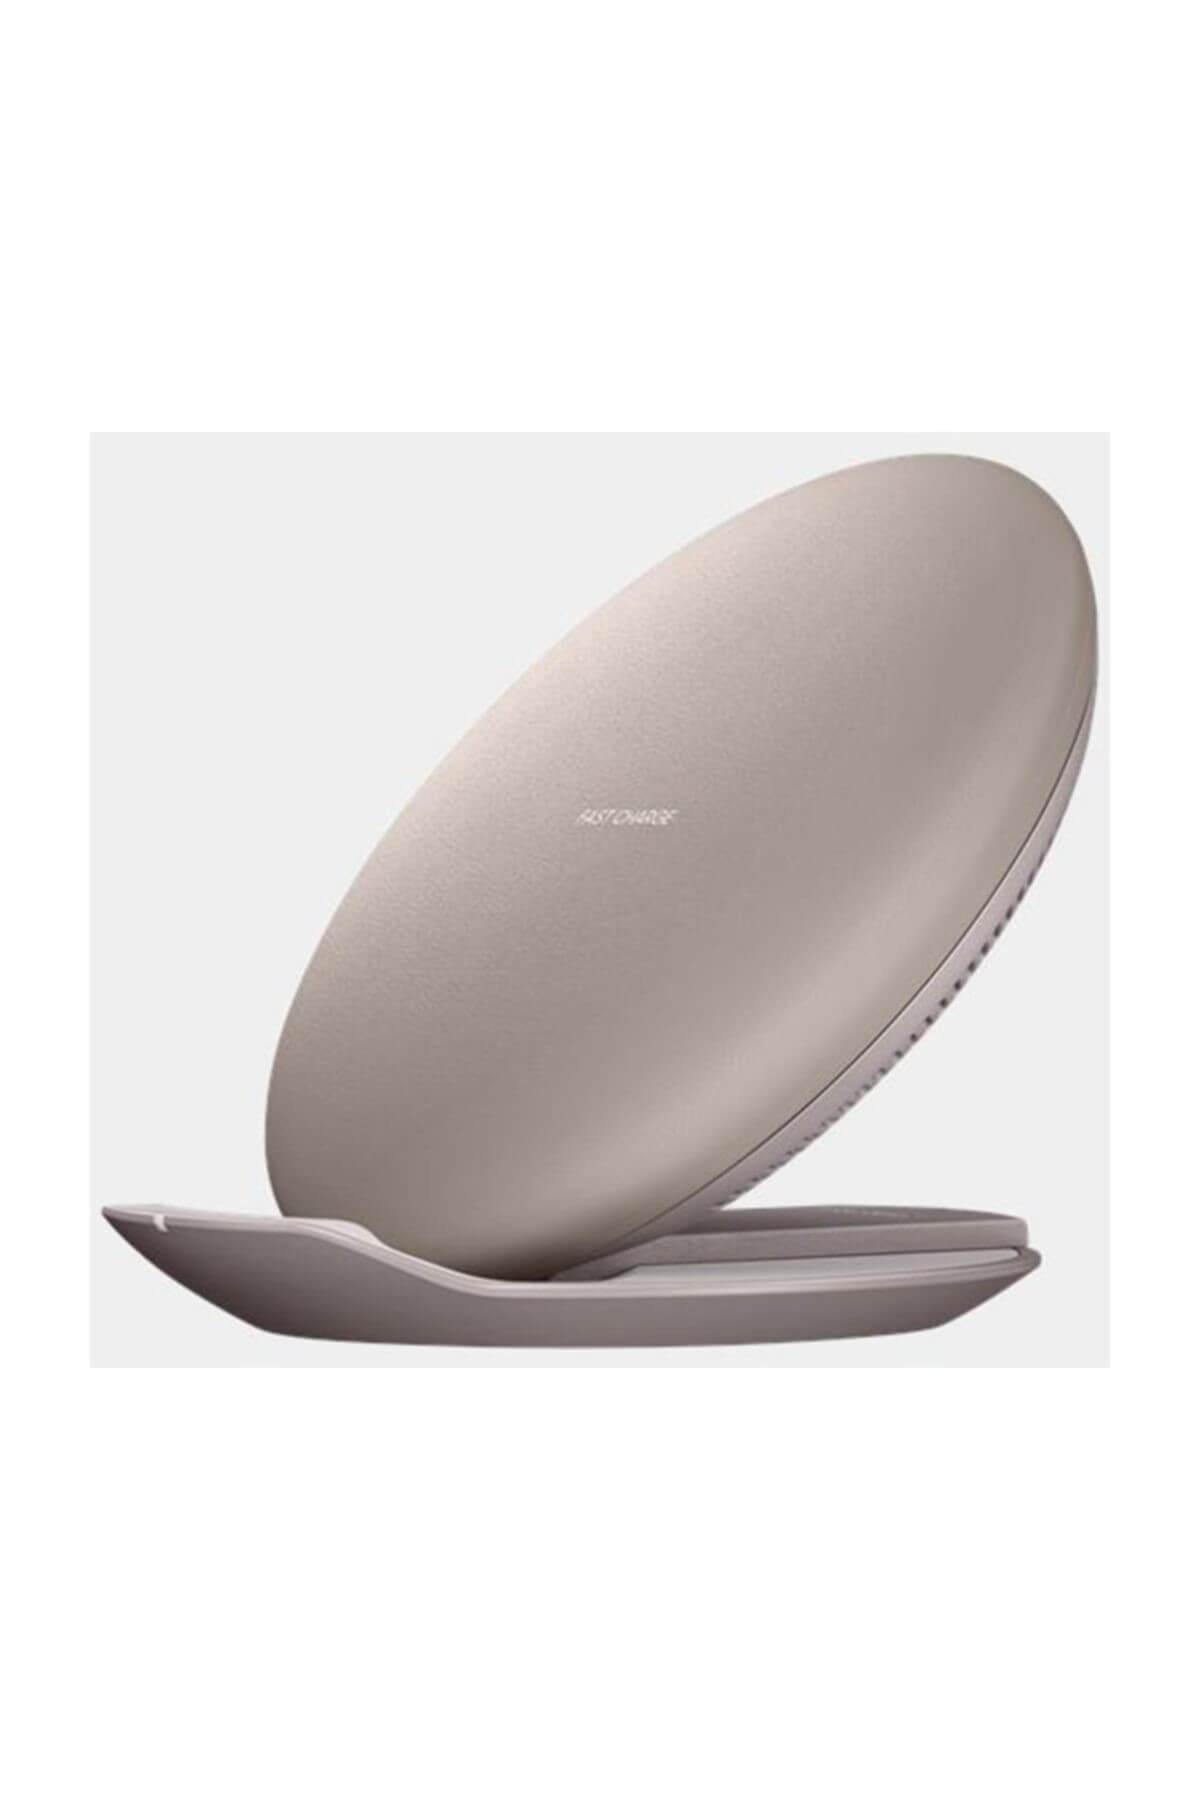 Samsung Kablosuz Hızlı Şarj Standı (Yatay/Dikey Kullanım) (Altın Sarıs 1